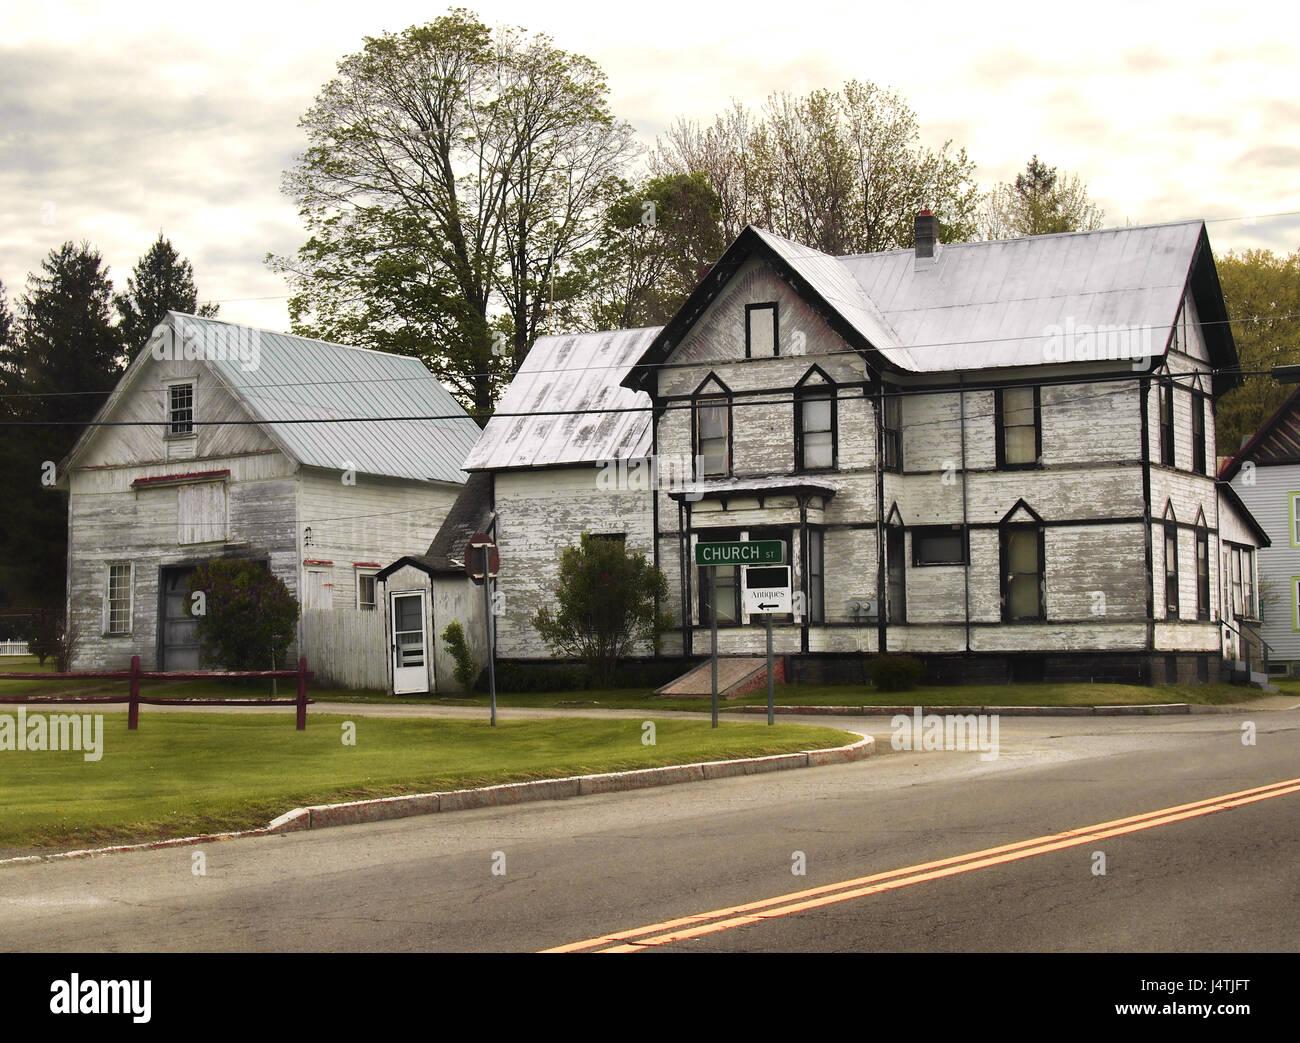 Verlassenes Haus Und Scheune In Eine Landliche Kleinstadt Stockfoto